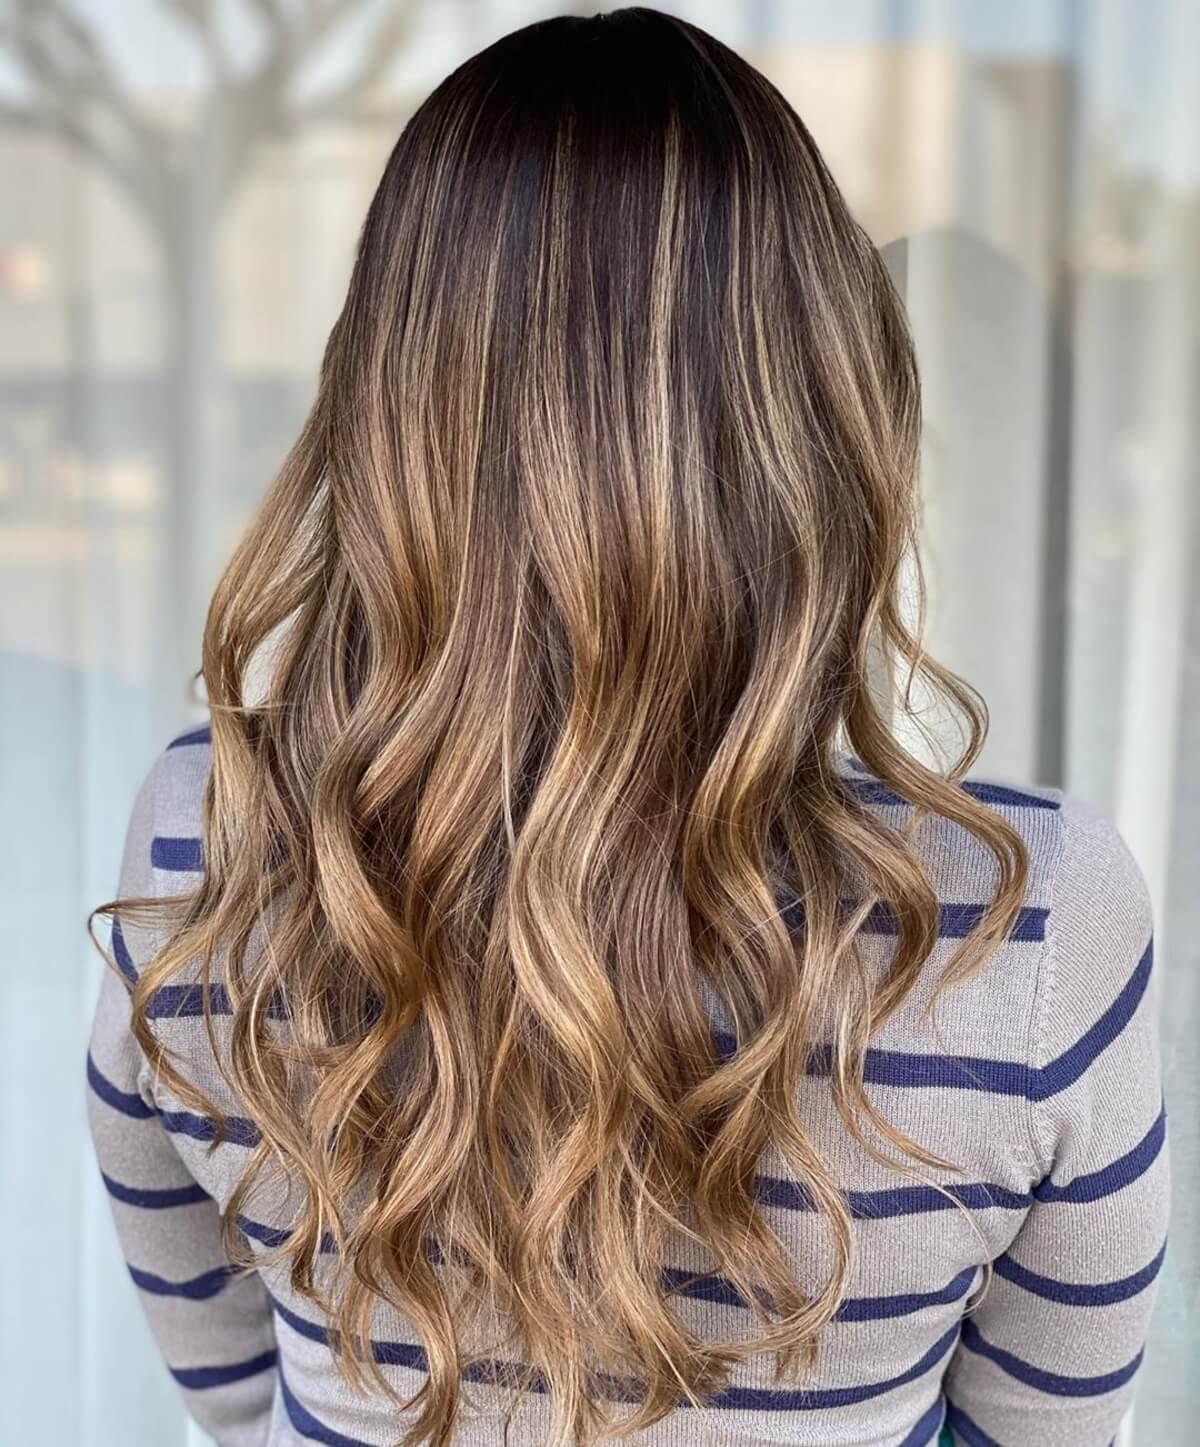 Cheveux ondulés brun moka foncé avec des mèches caramel